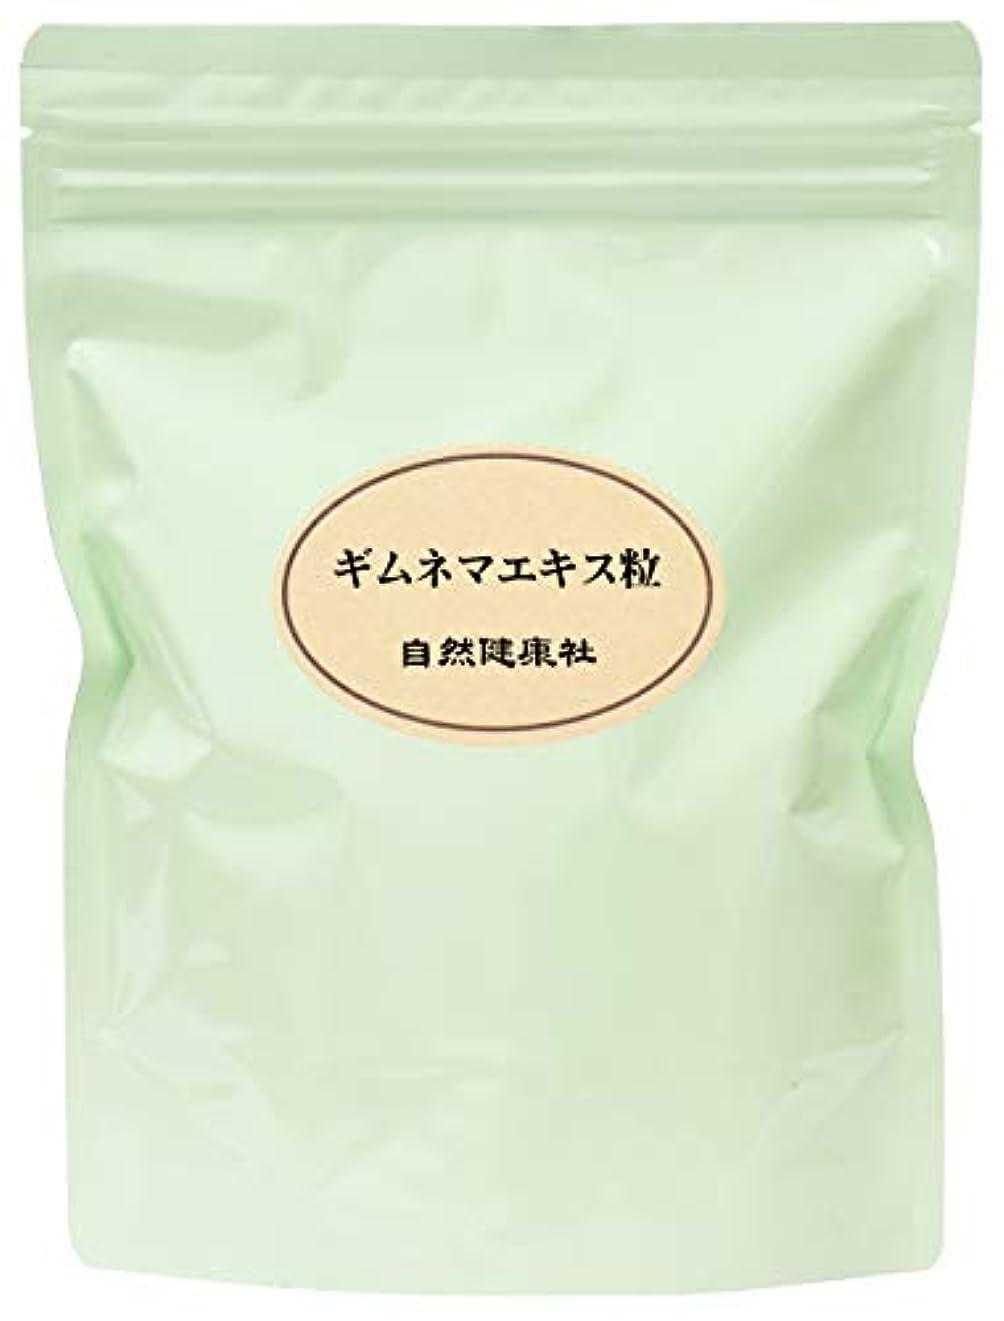 塩放棄された乳製品自然健康社 ギムネマエキス粒?徳用 180g(250mg×720粒) チャック付きアルミ袋入り